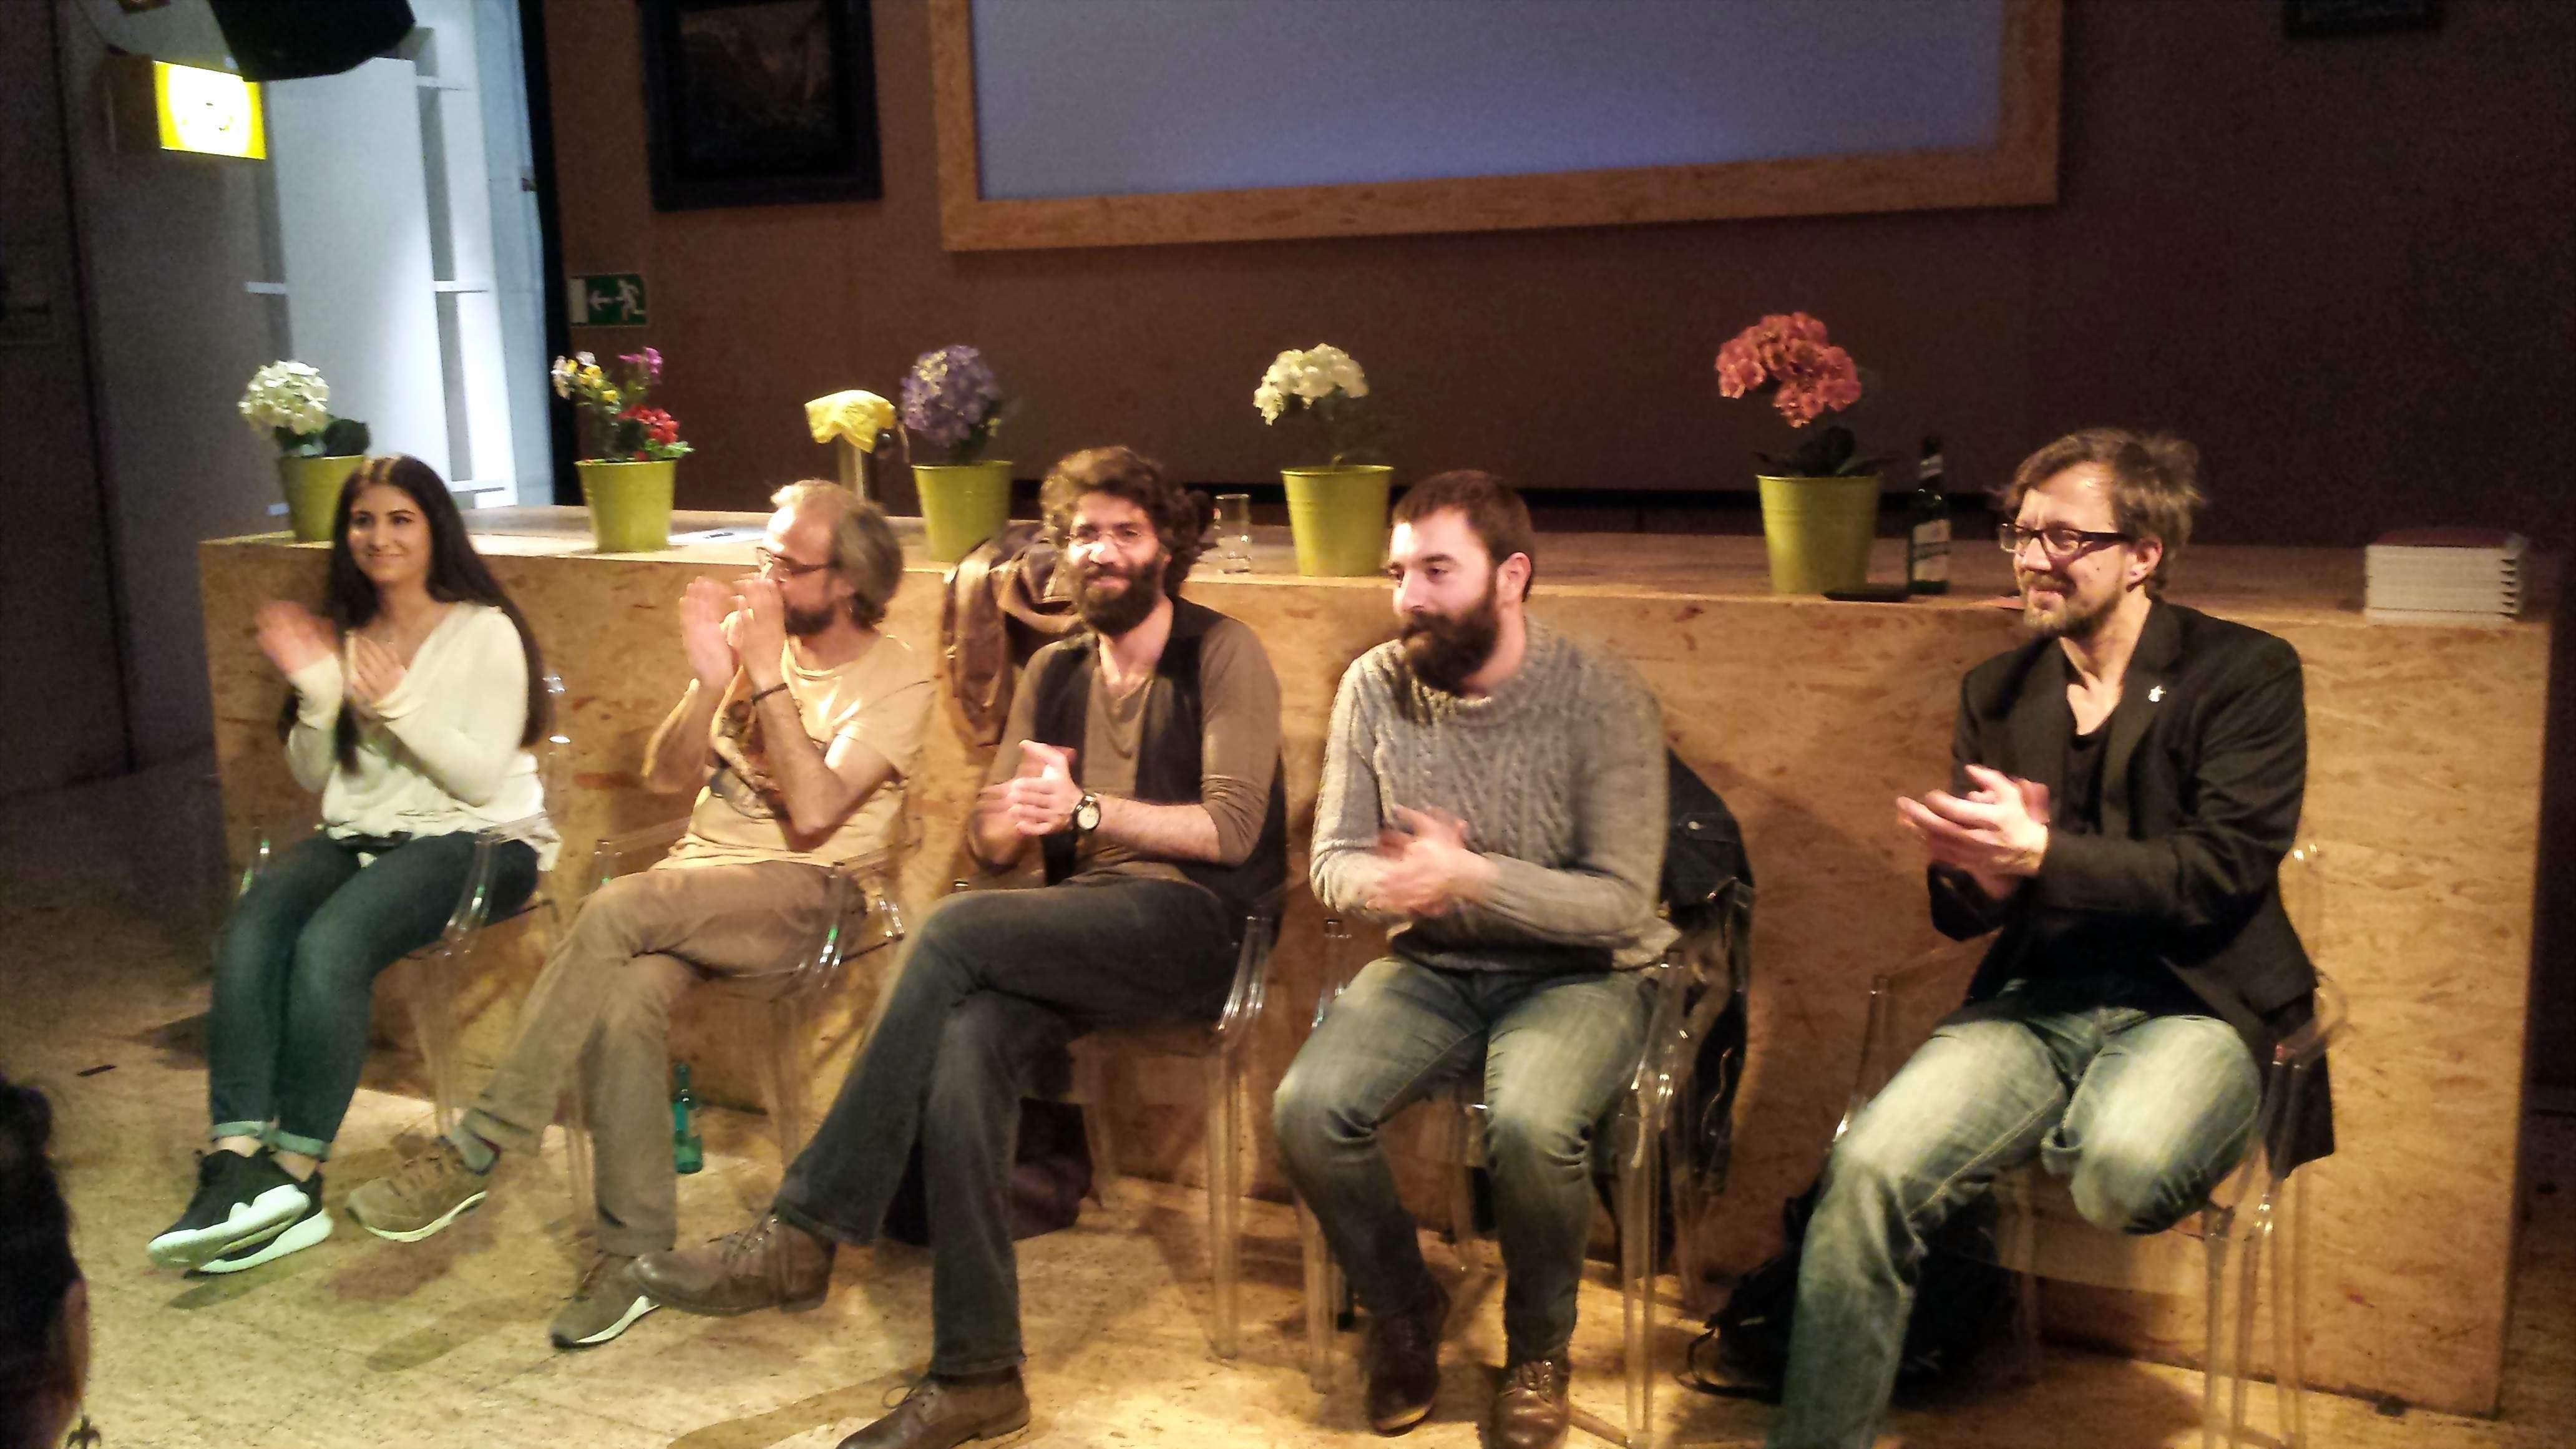 Leitender Dramaturg des SchauspielDortmund (ganz rechts in der Runde) informierte in eigner Sache; Foto: C.-D. Stille